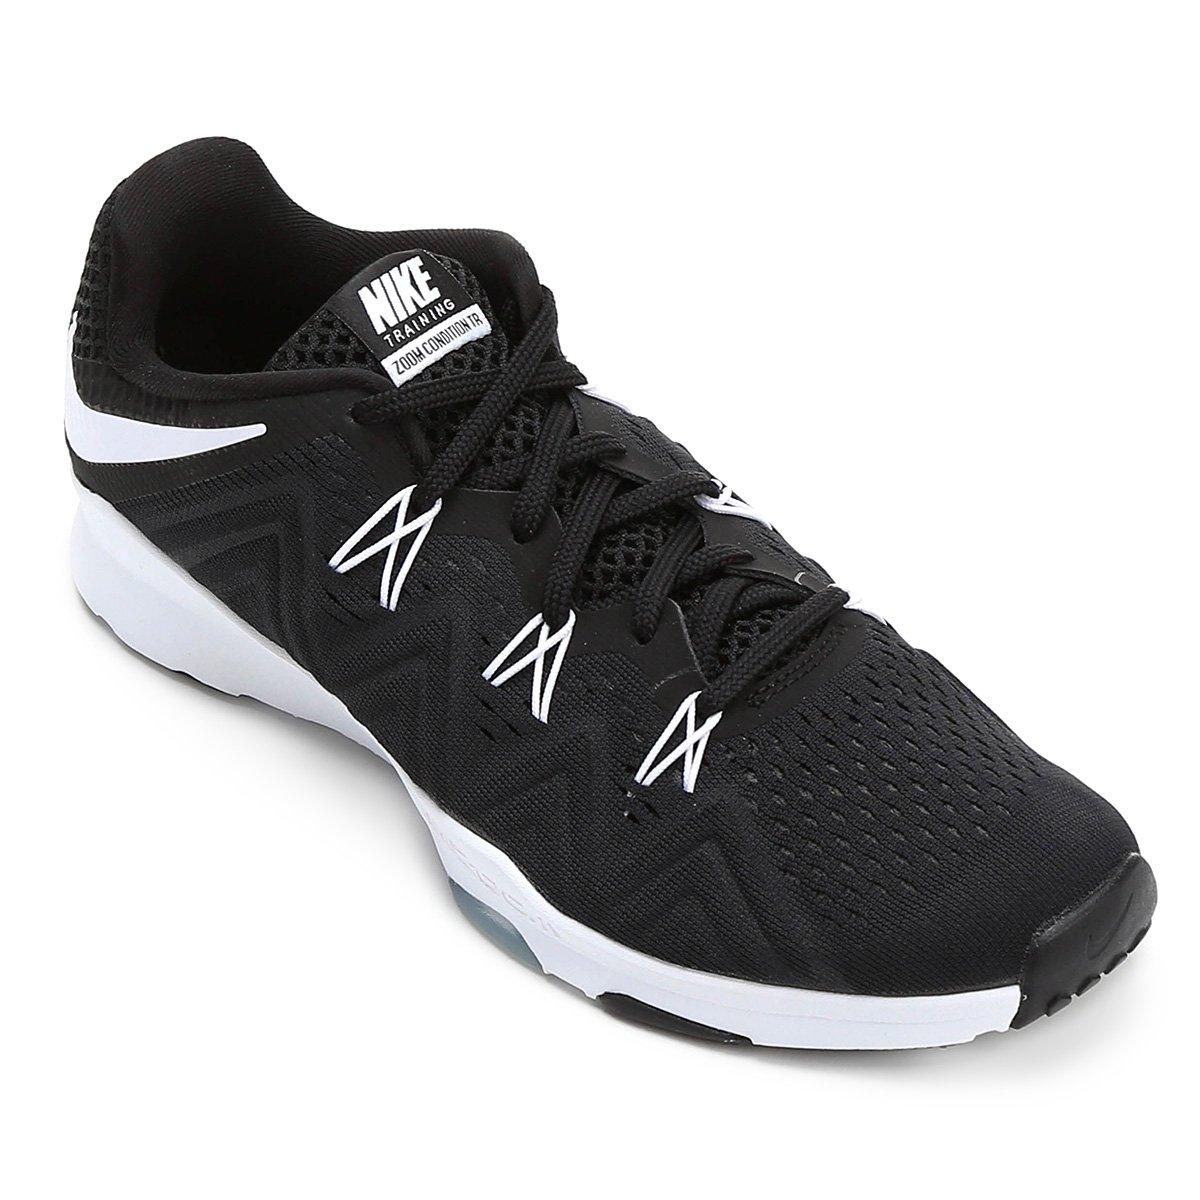 912c49c7a Tênis Nike Zoom Condition TR Feminino - Compre Agora